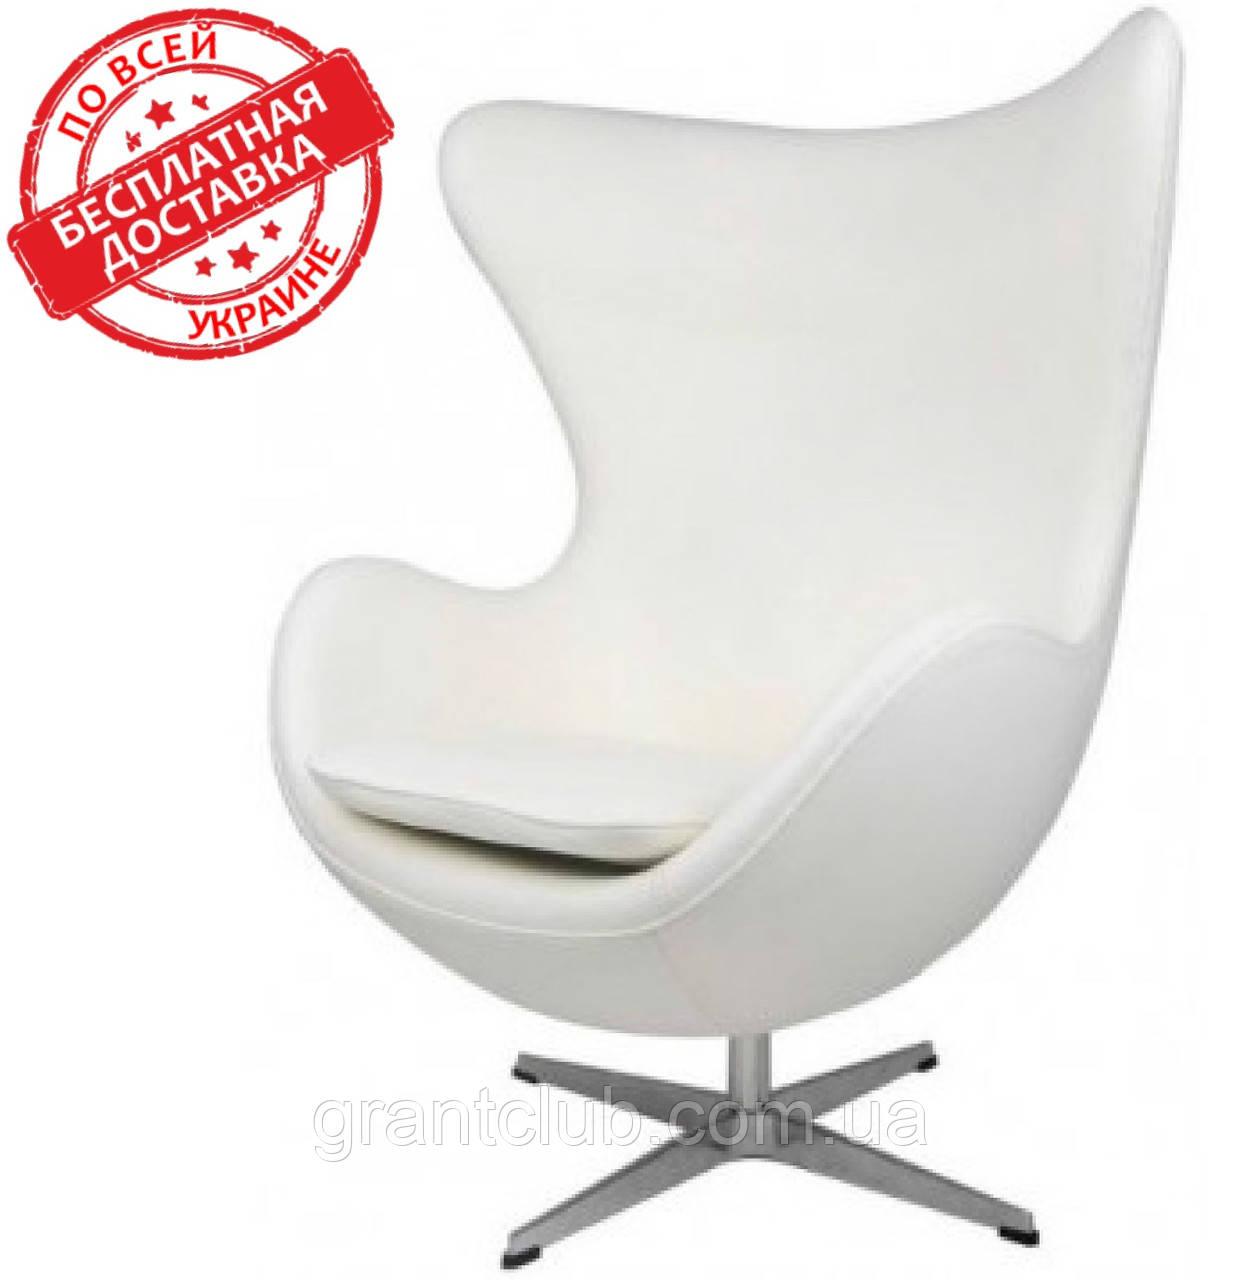 Дизайнерское белое кресло Эгг (Egg) регенерированная кожа СДМ группа (бесплатная доставка)